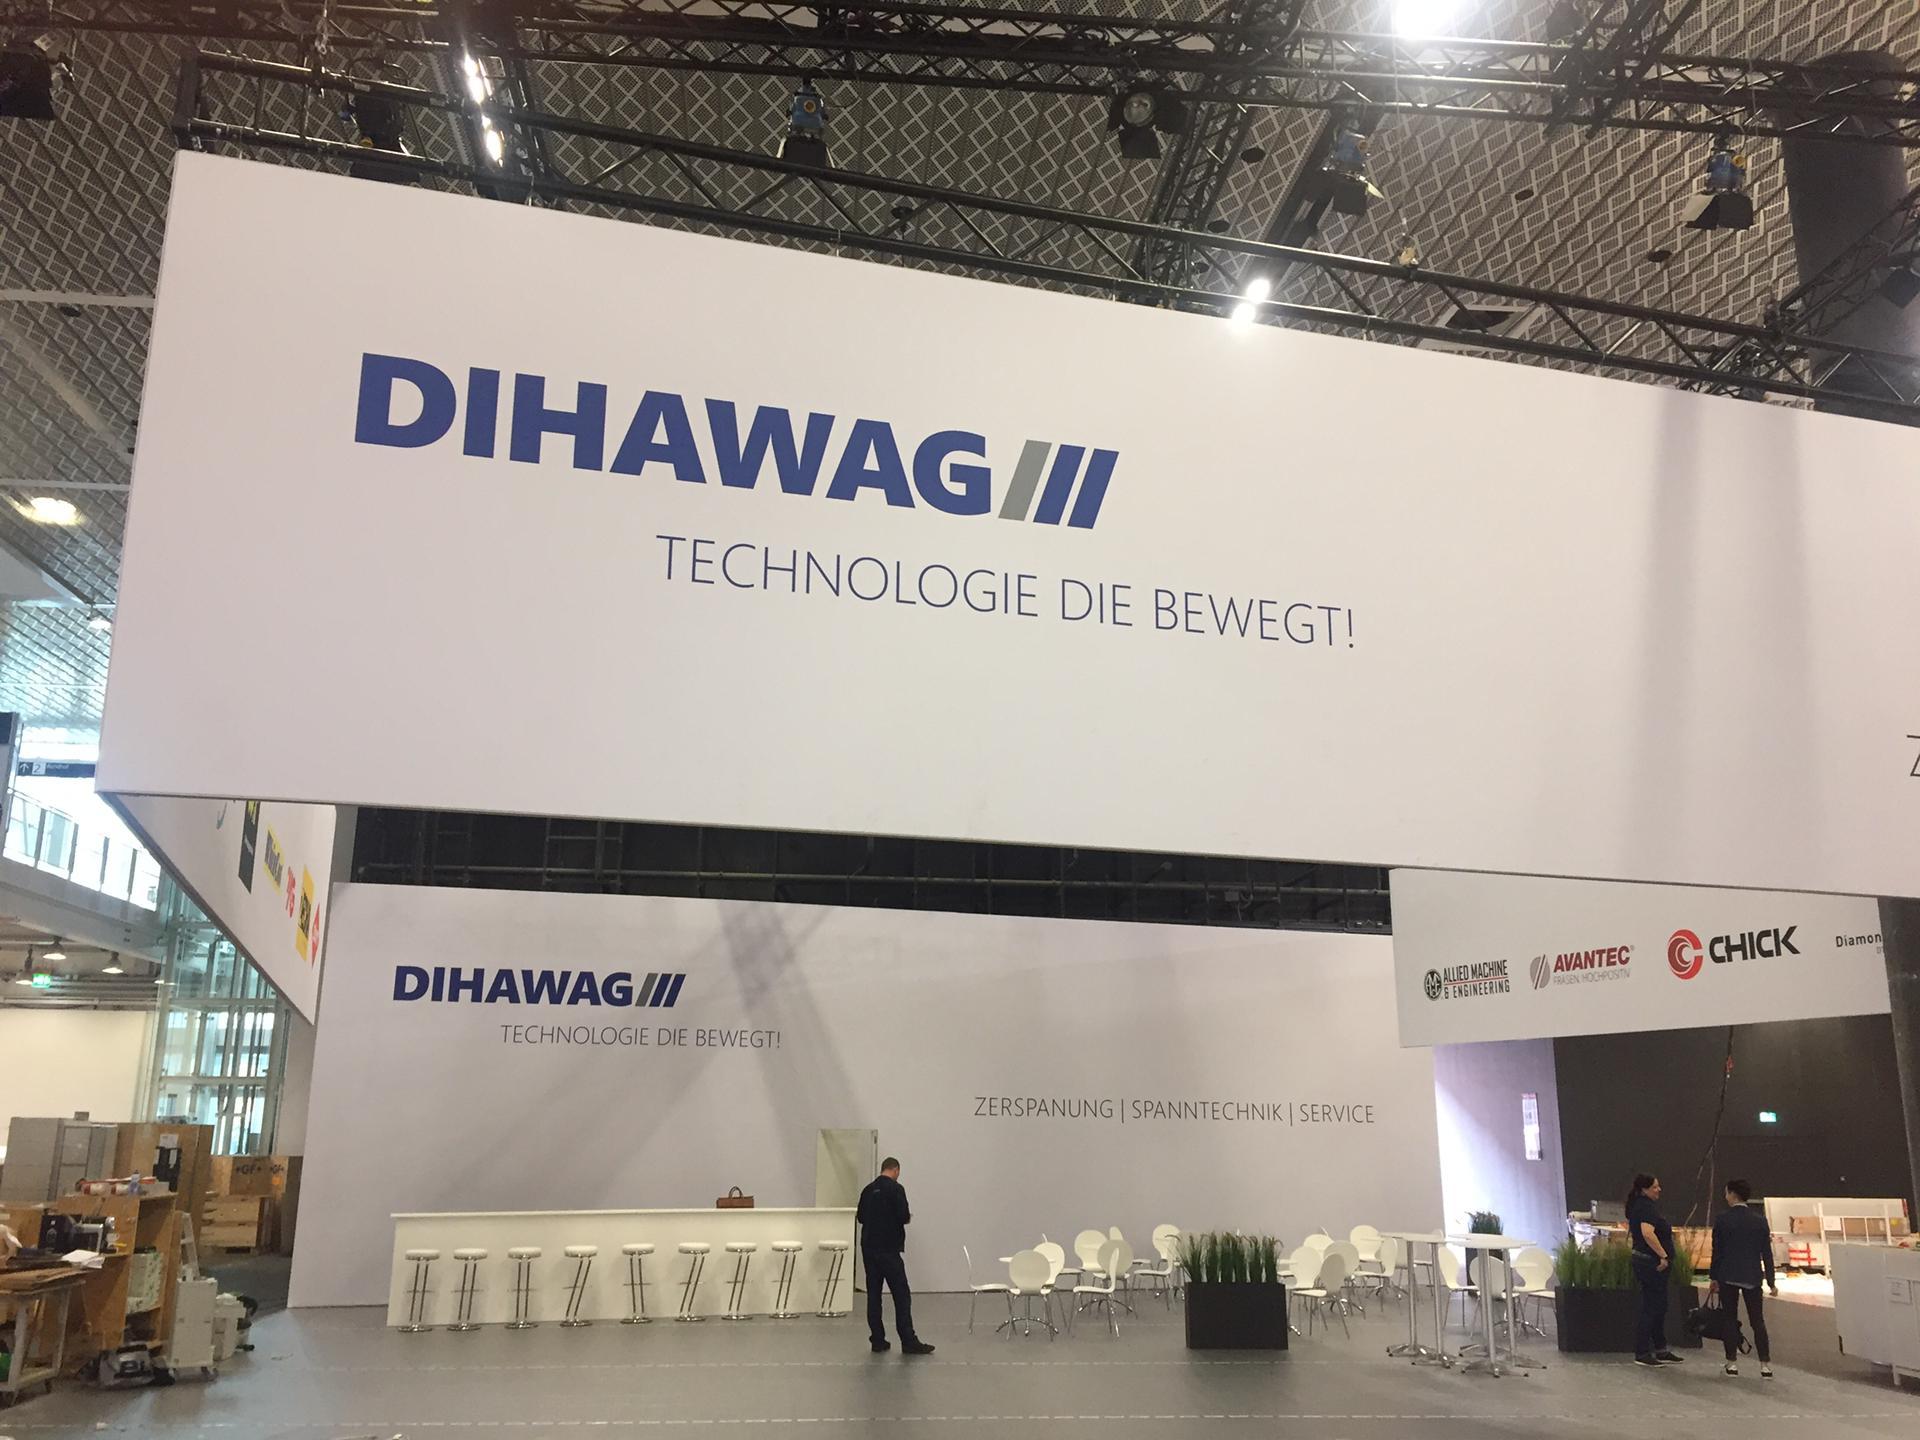 DIHAWAG Prodex Baustellenbericht Pengland 0.jpg